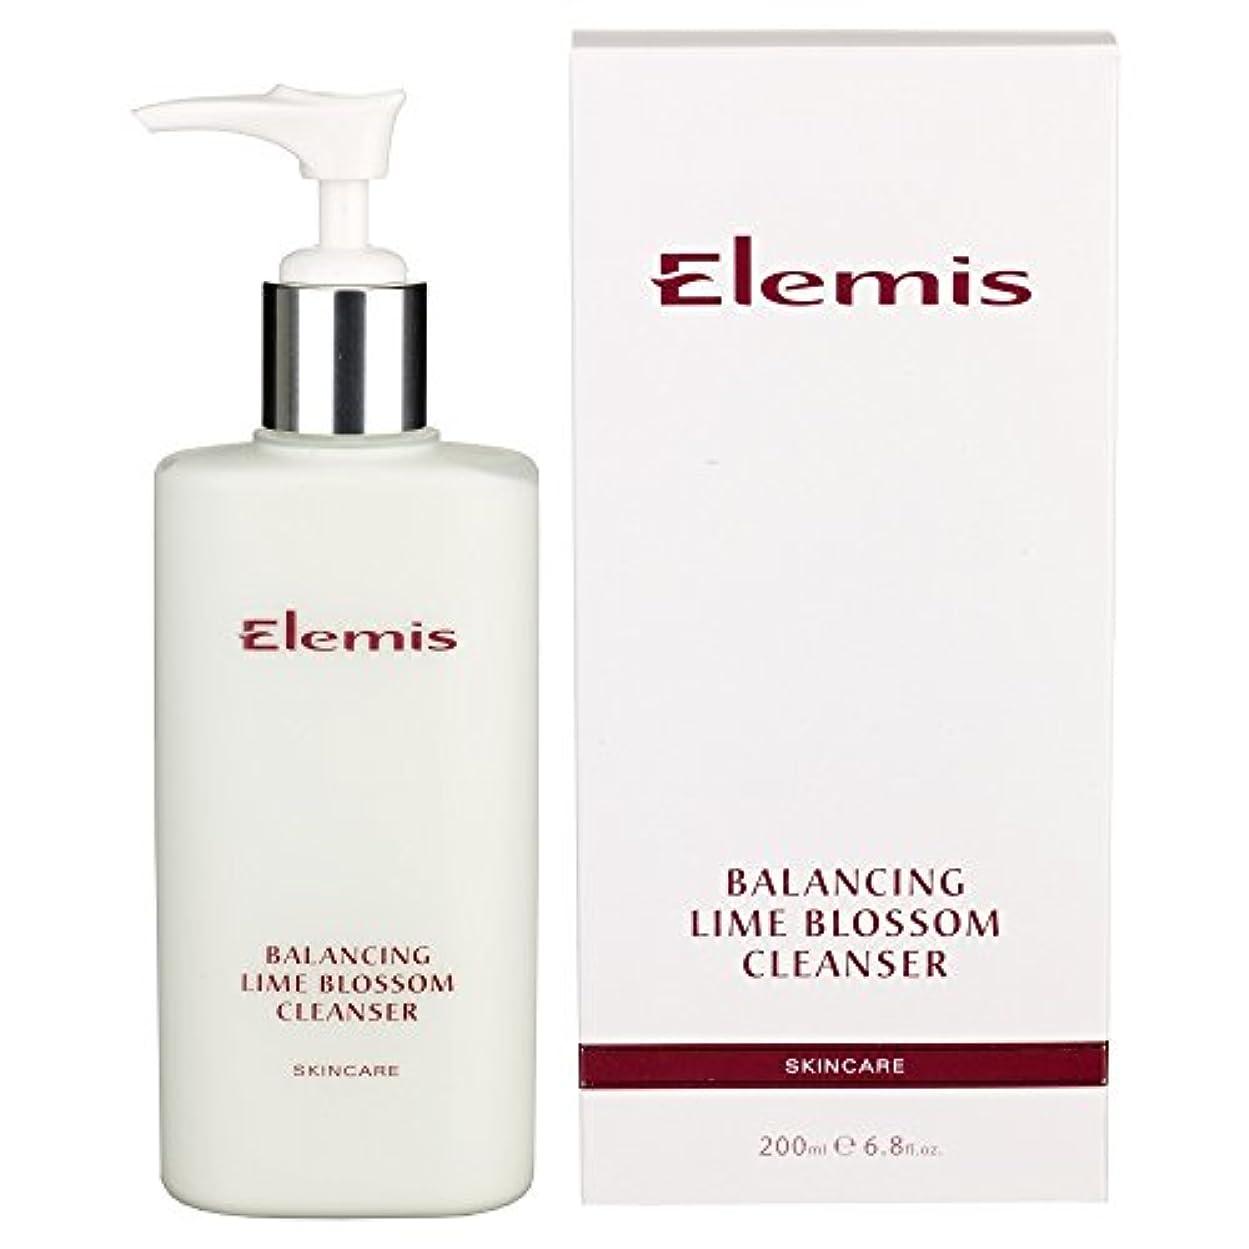 脅迫傾斜みすぼらしいライムブロッサムクレンザーのバランスをとります (Elemis) (x6) - Balancing Lime Blossom Cleanser (Pack of 6) [並行輸入品]